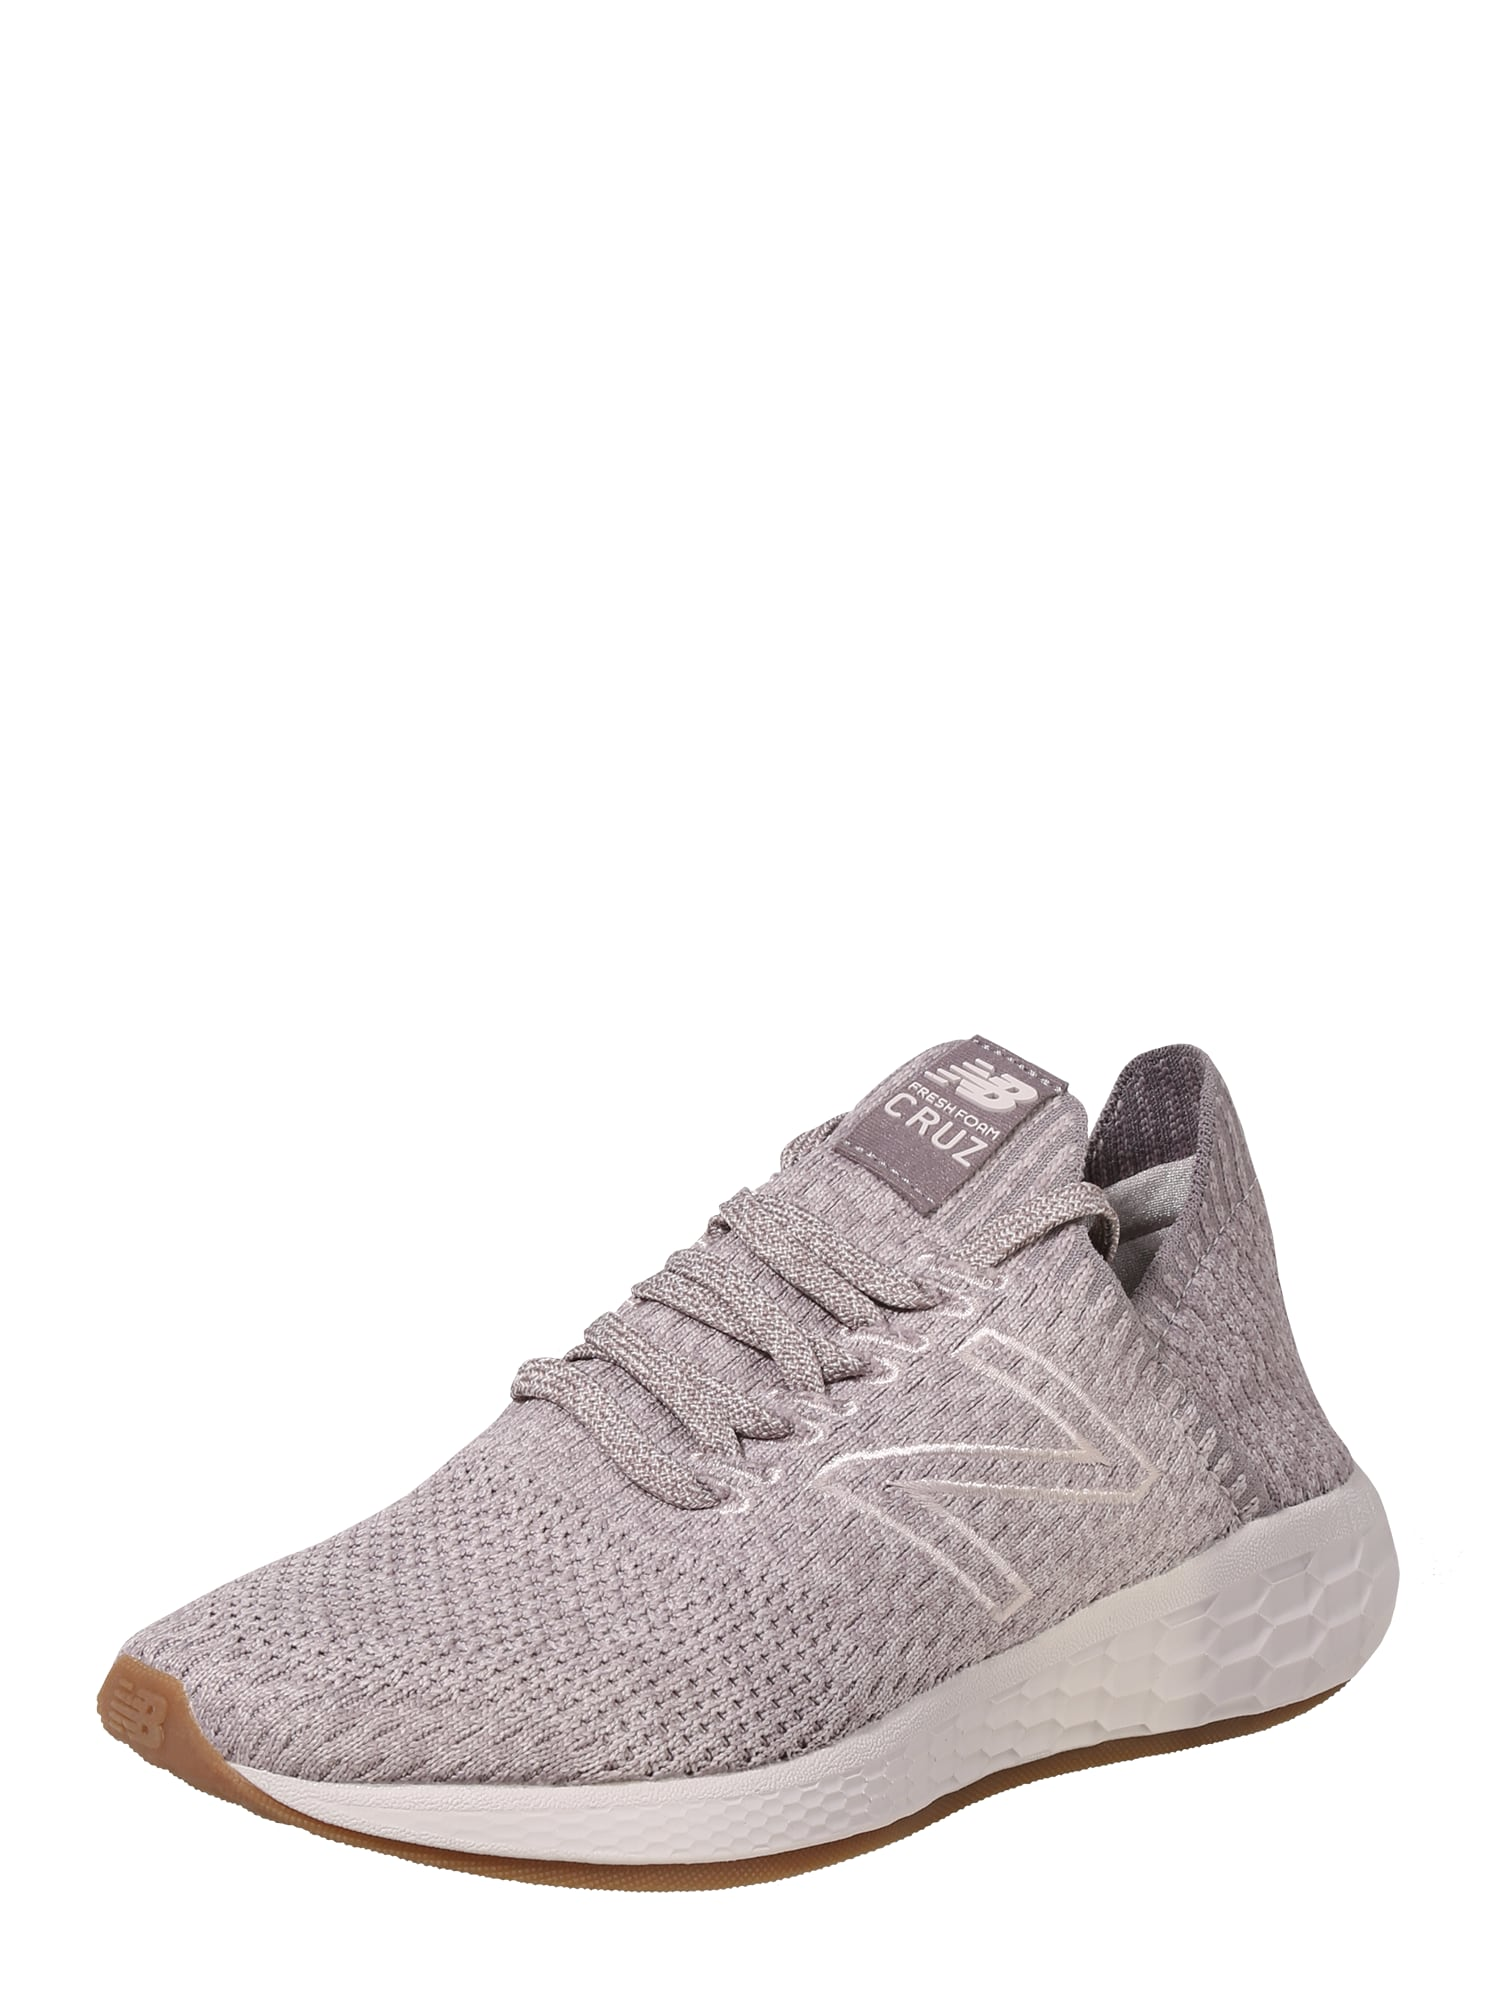 Běžecká obuv Cruz v2 šeříková New Balance